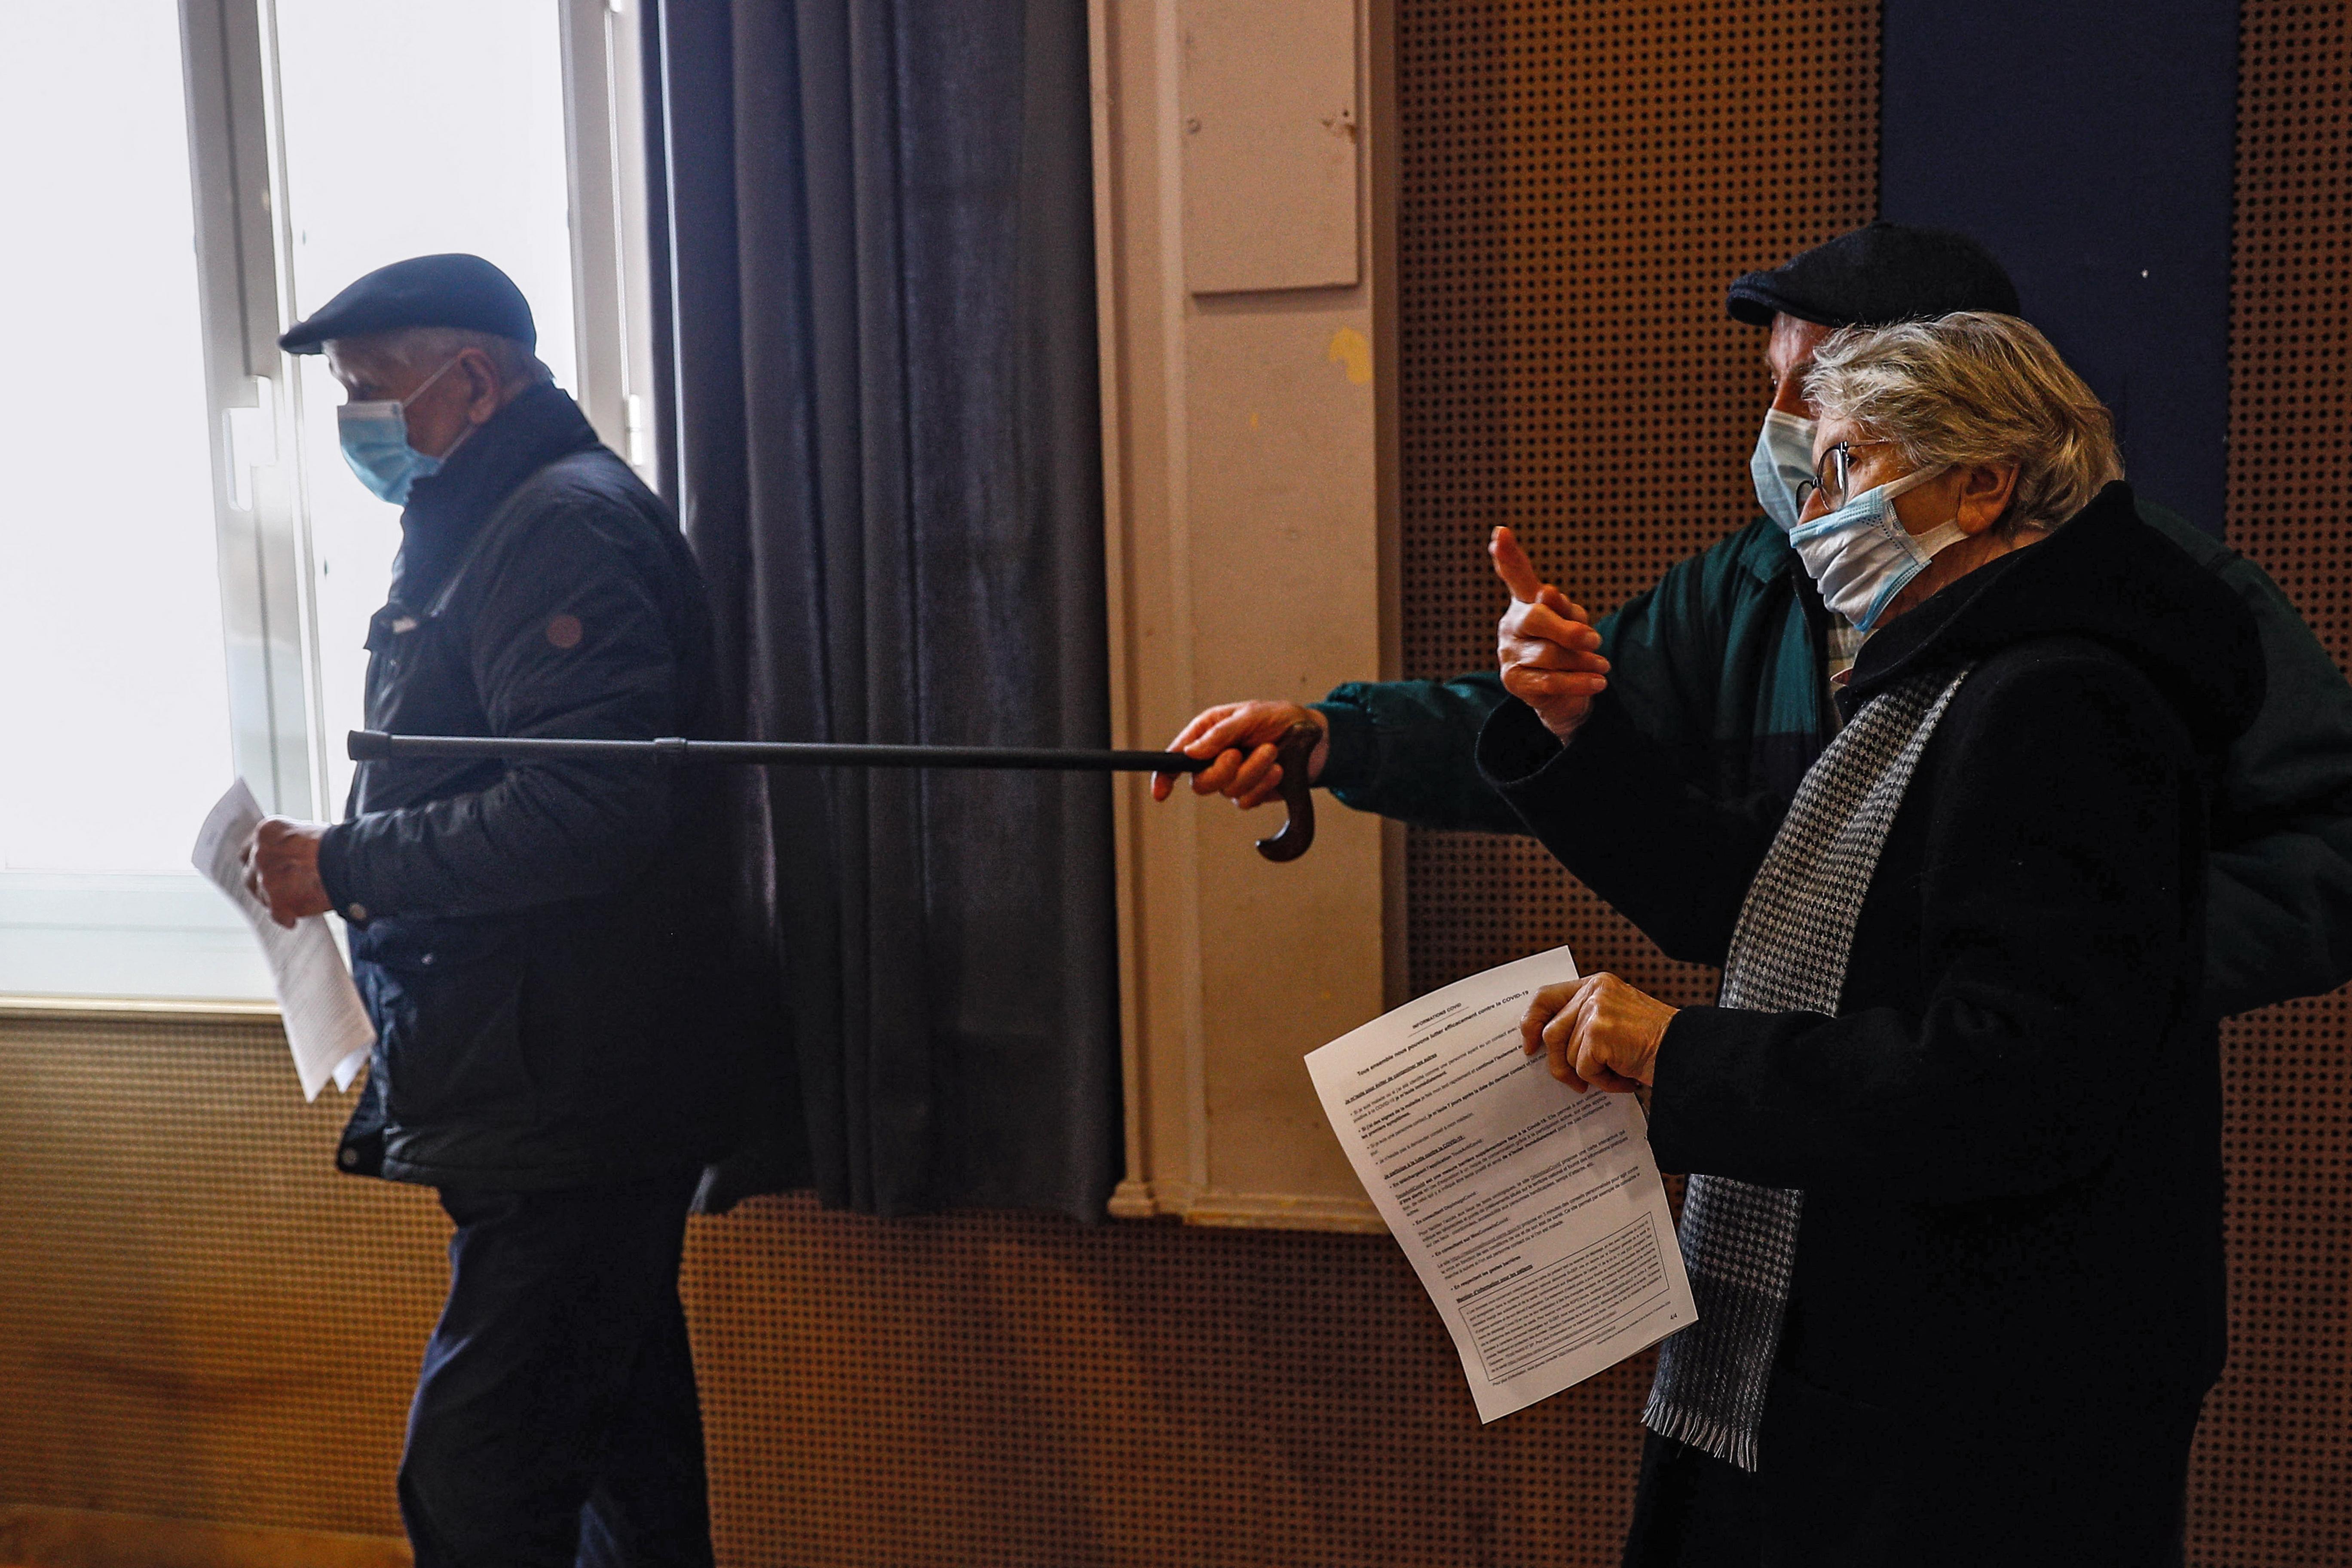 Francia inicia desconfinamiento paulatino previo a la Navidad